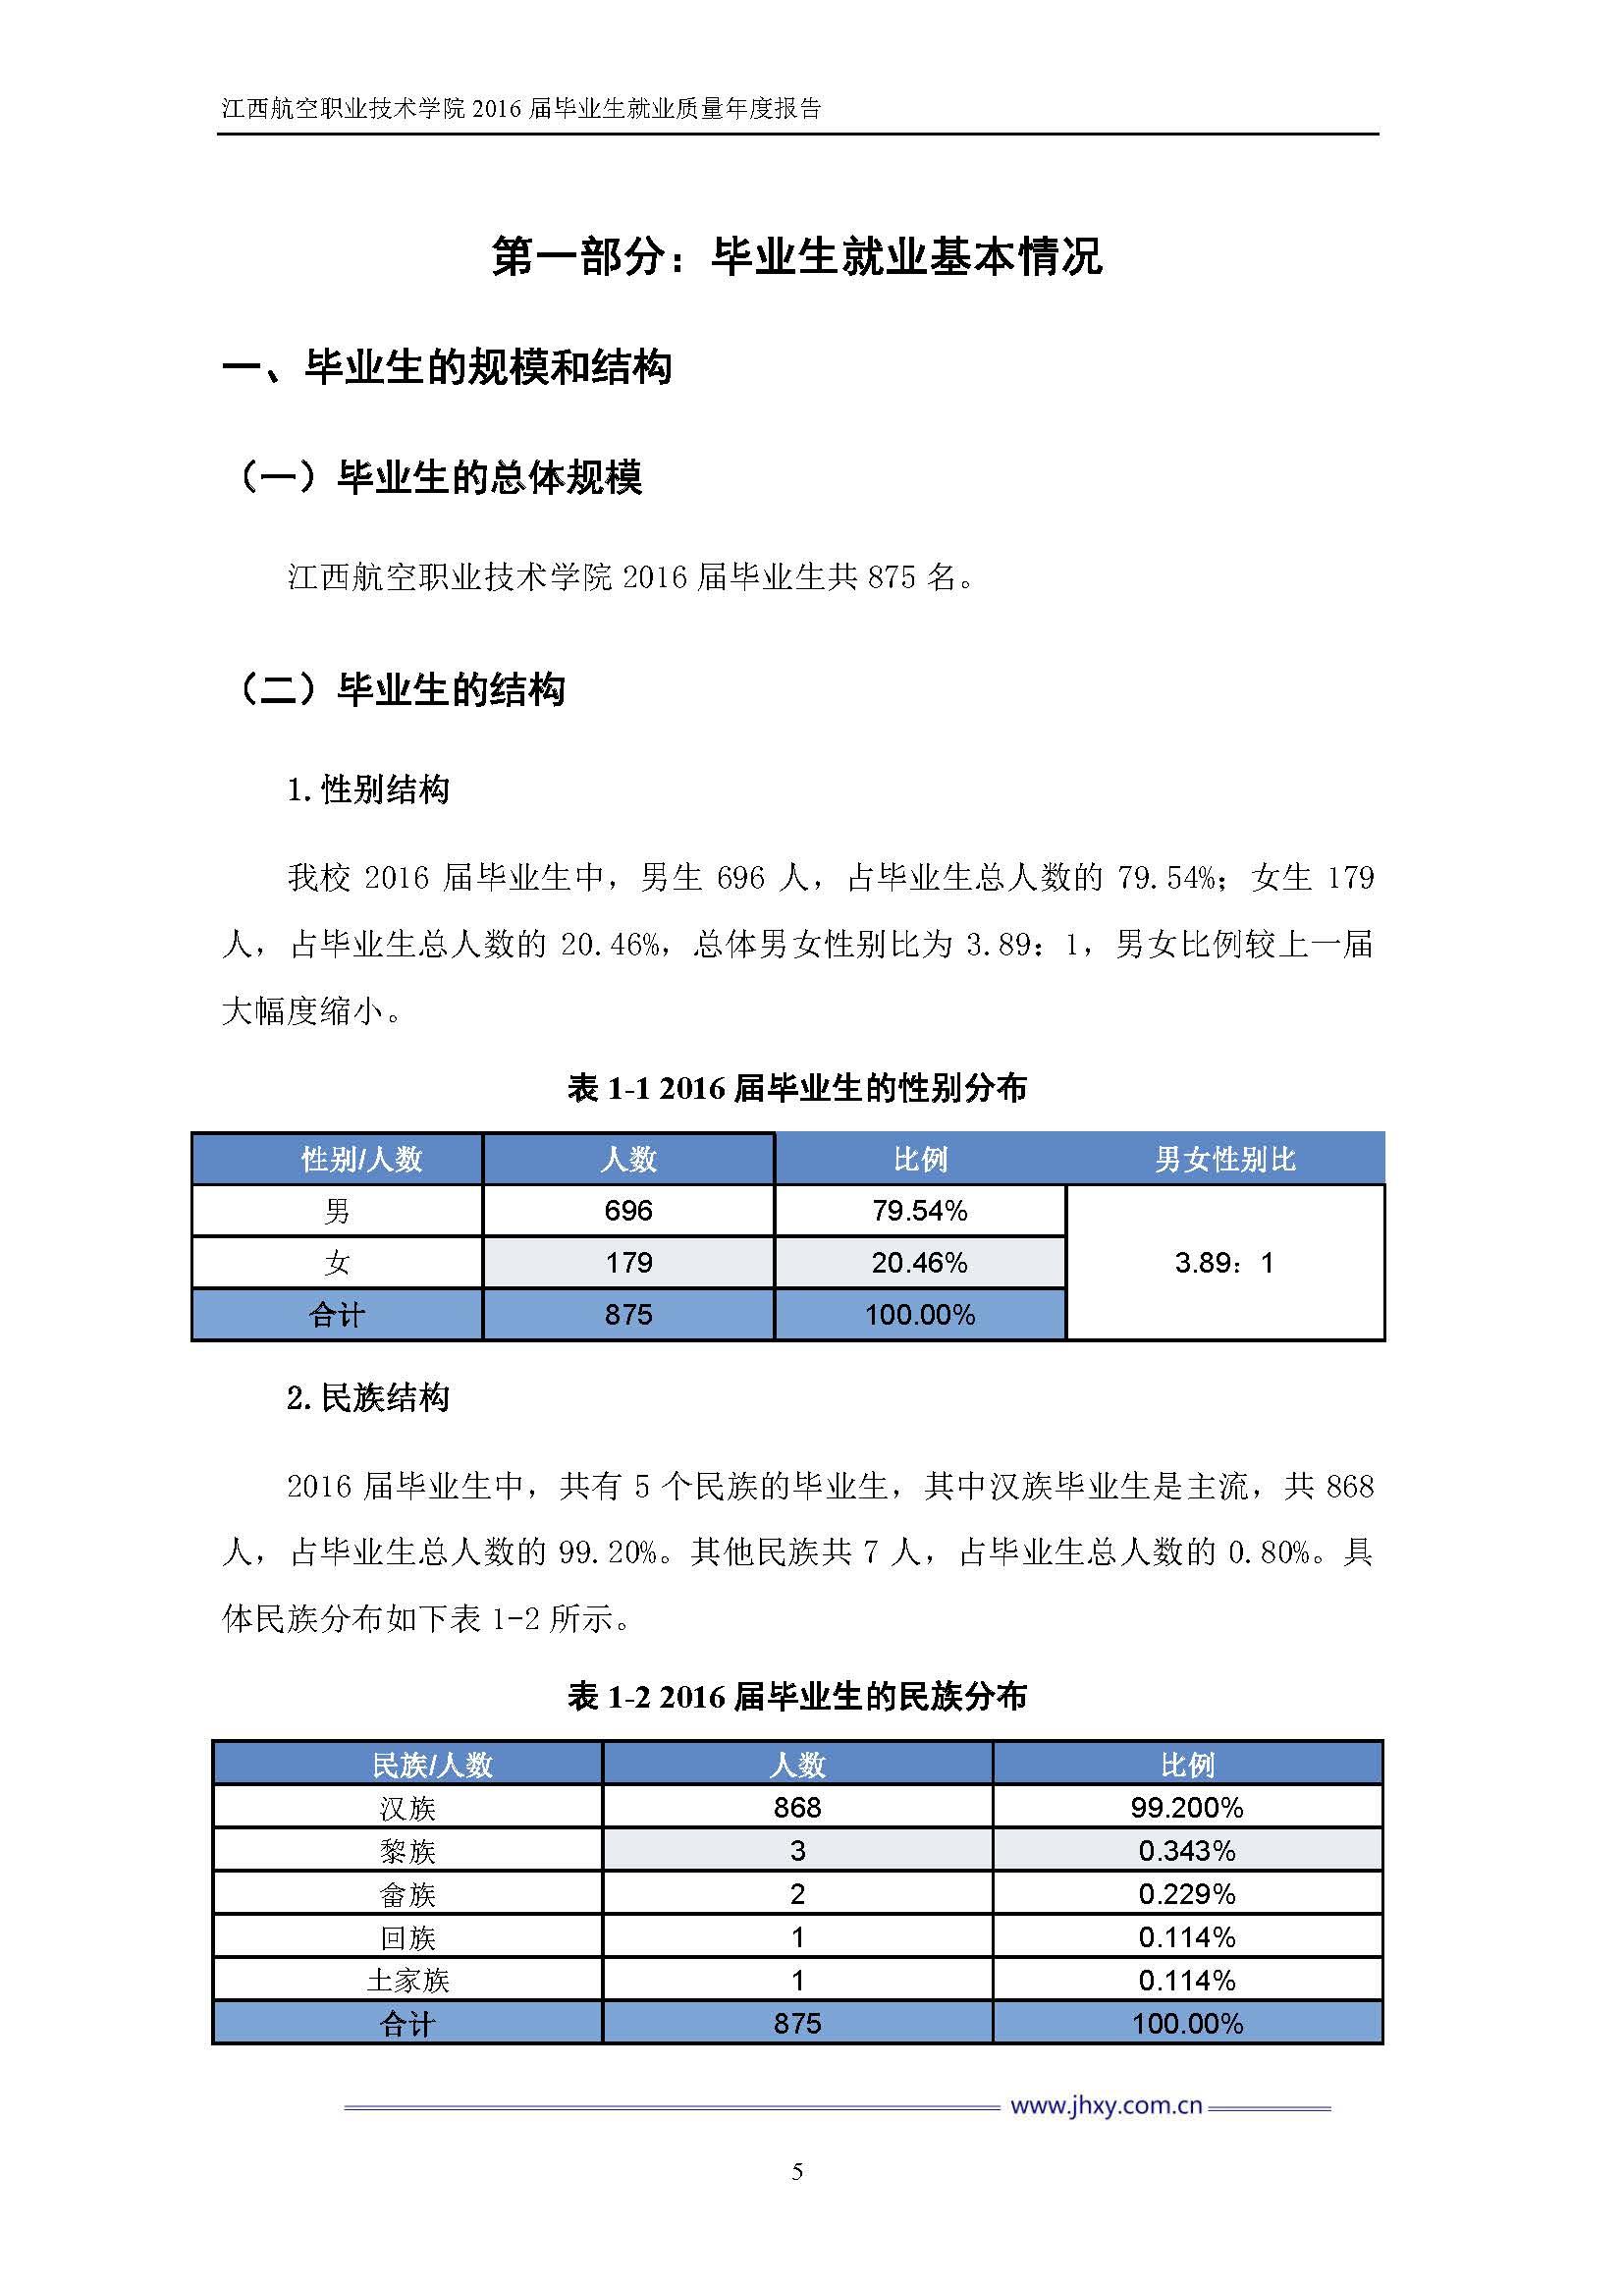 江西航空职业技术学院2016届毕业生就业质量年度报告_Page_12.jpg